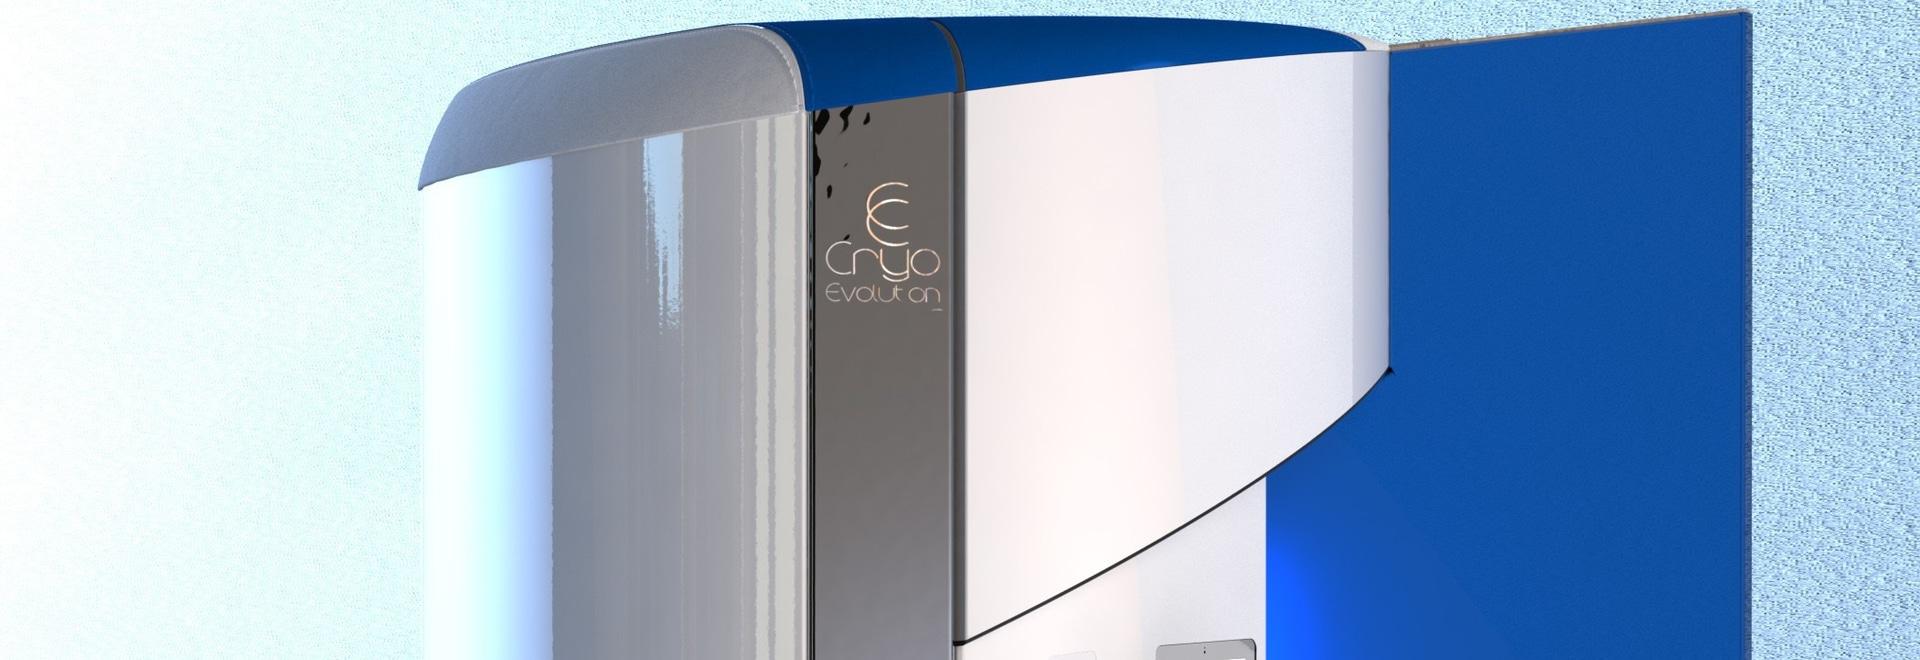 Cabine de cryothérapie - Jouvence bleue